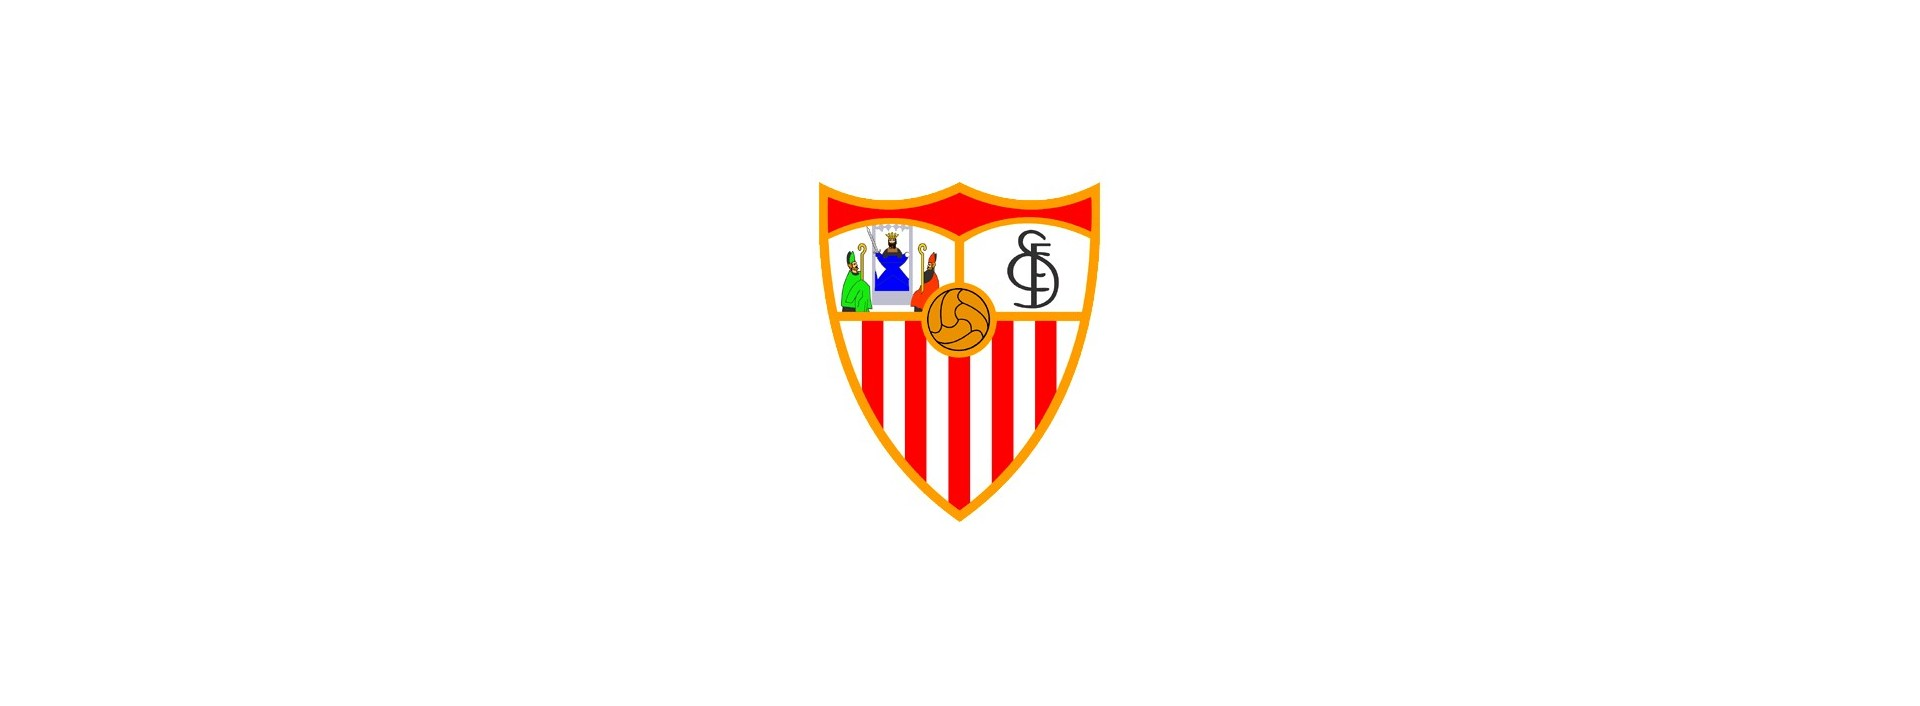 Todos los cromos del Sevilla FC de Liga Este 2020-2021 en Mascromos.com Tu web de cromos Online